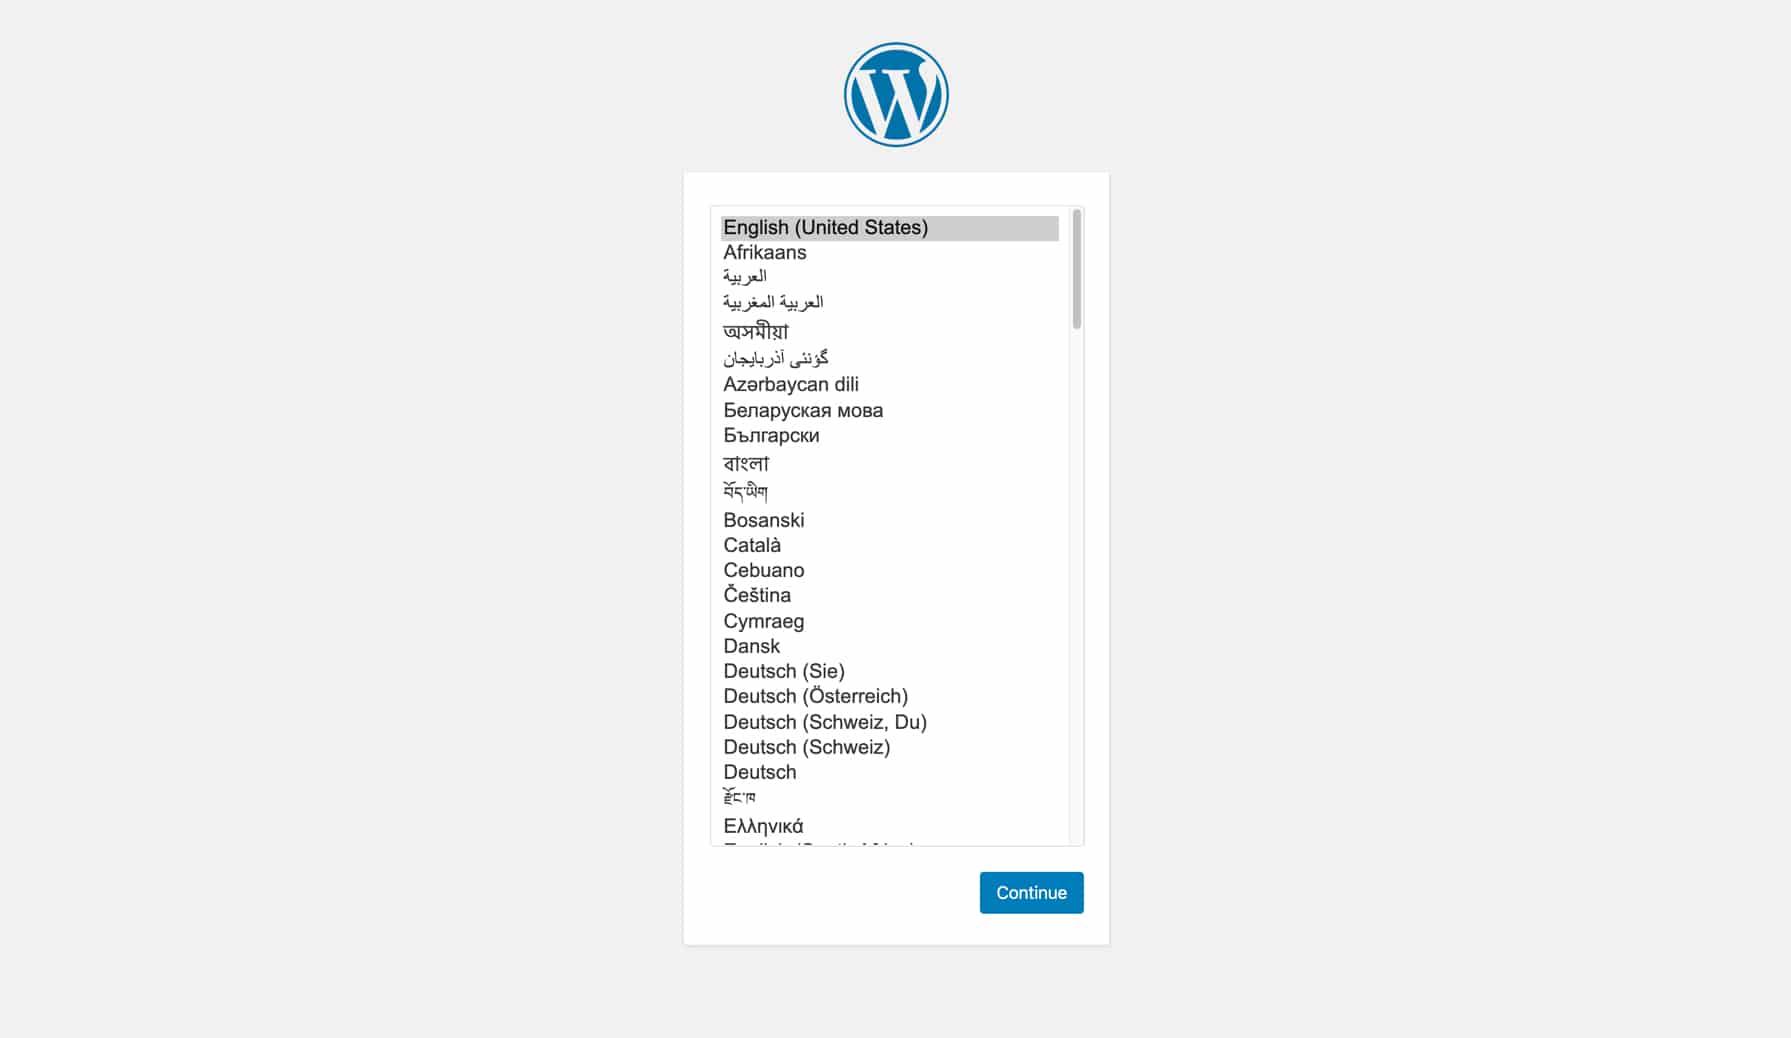 Konfigurer den nye installation af WordPress.